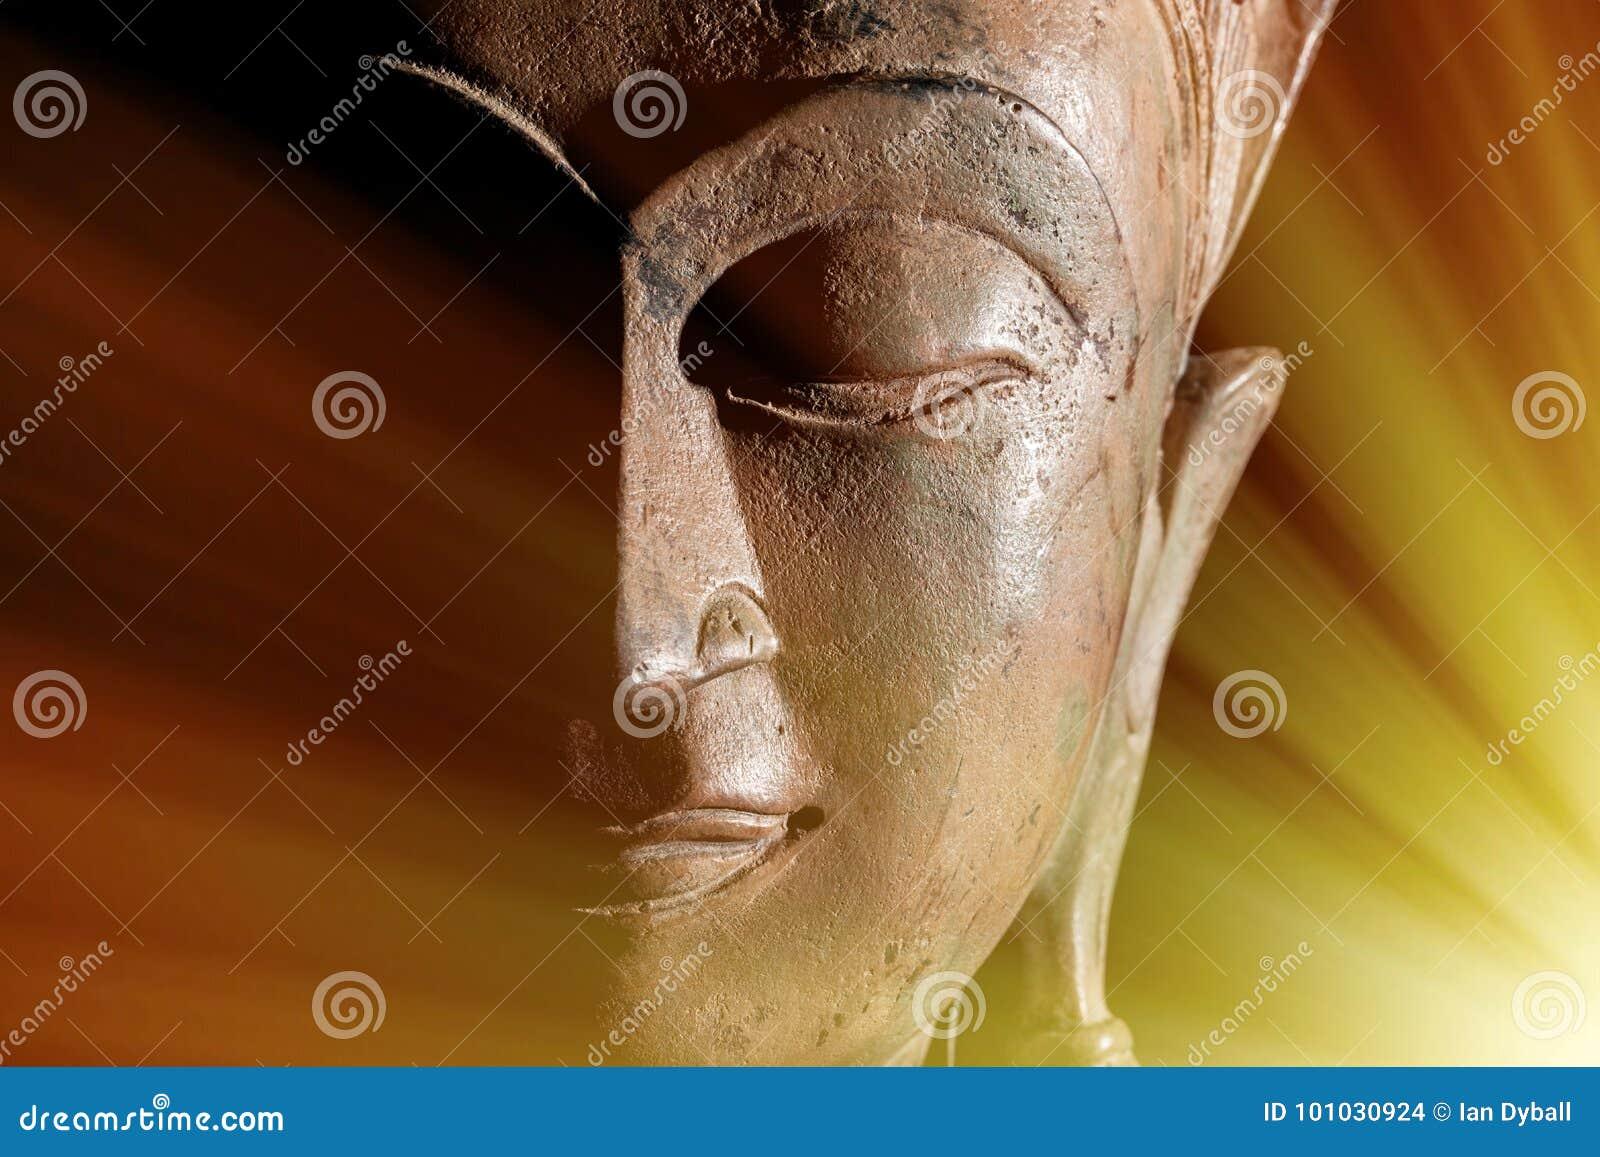 Zen Buddhism Goddelijke lichte stralen van geestelijke verlichting of zoals